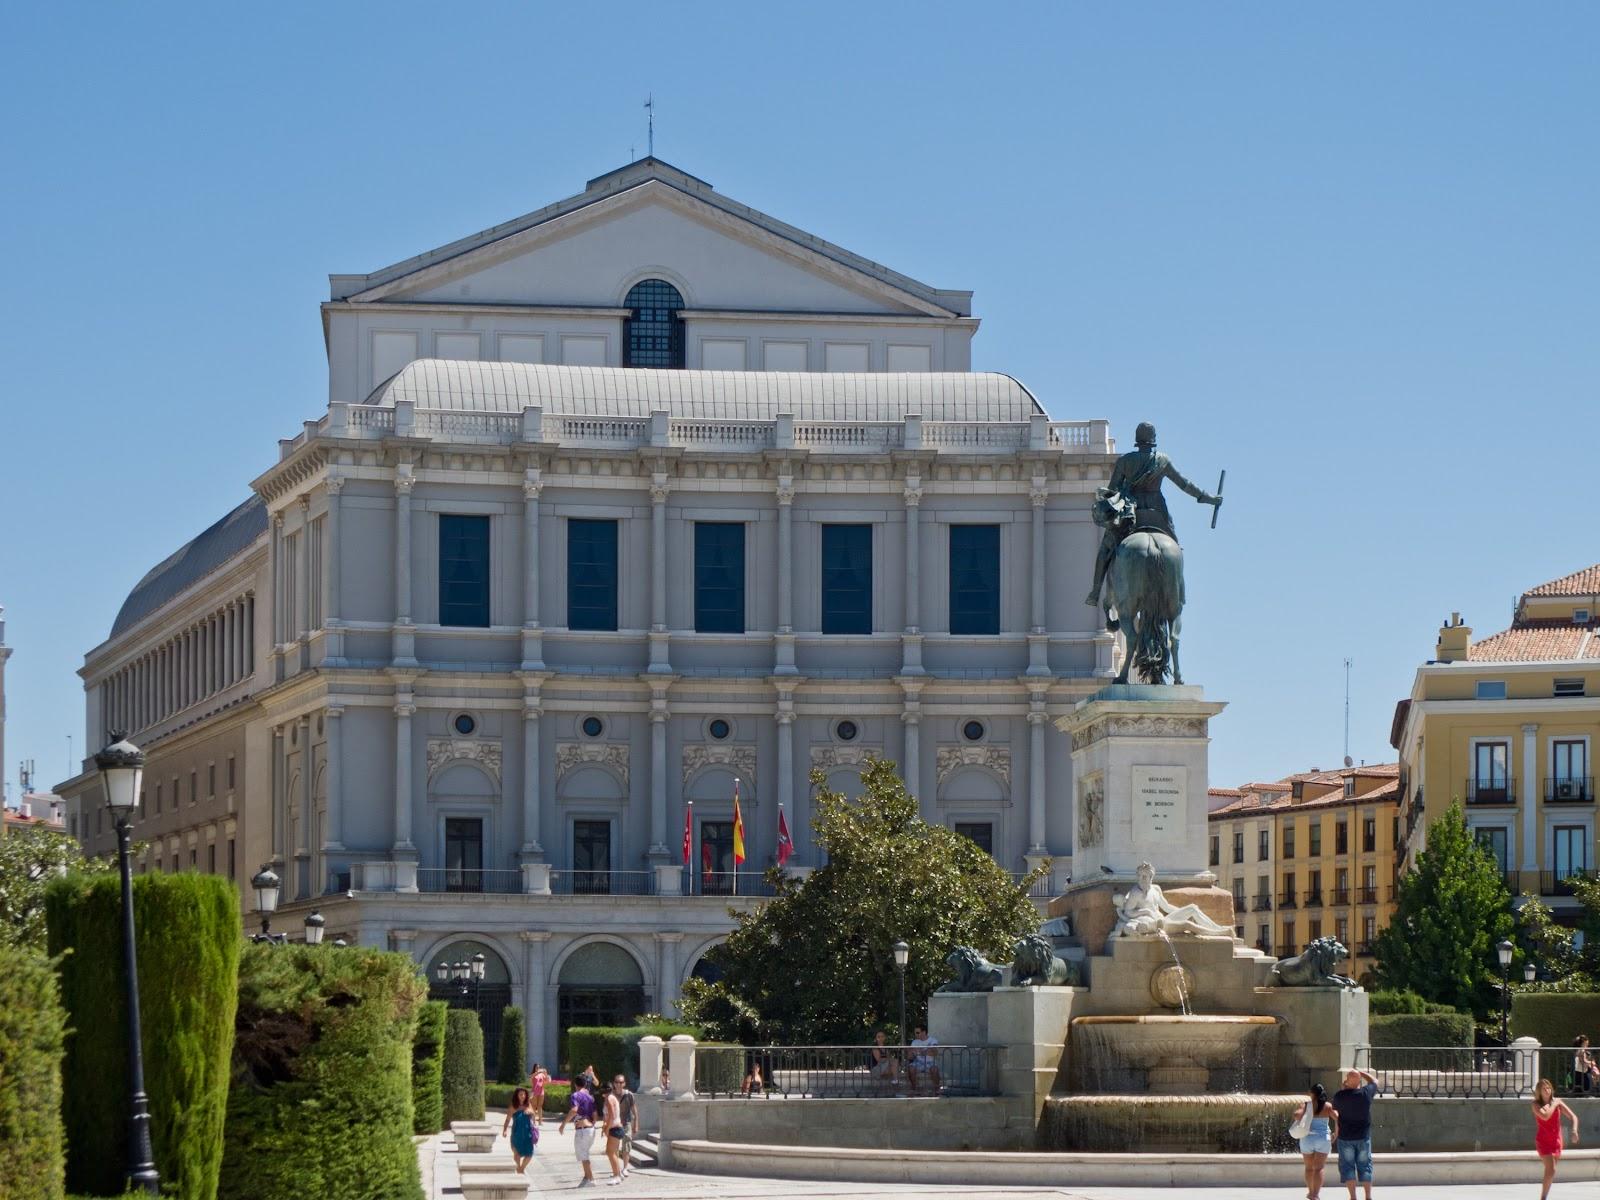 teatro-real-rehabilitacion-edificios-historicos